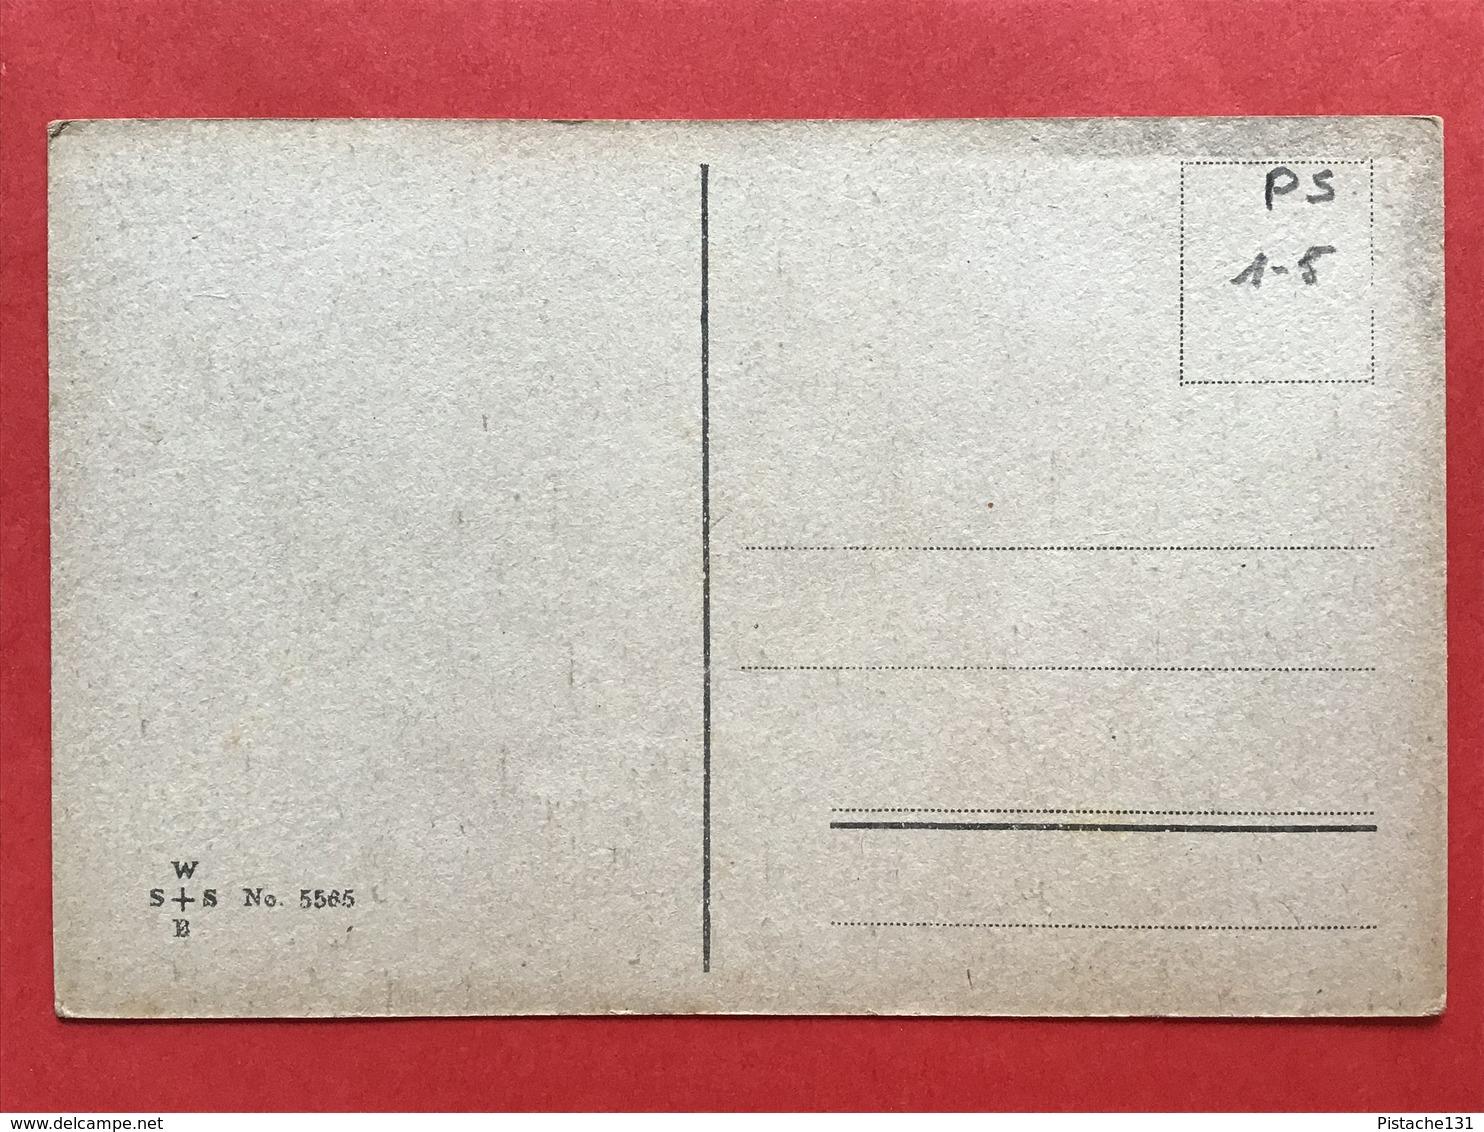 Illustrateur USABAL - UN BAISER - EEN KUS - VERLIEFDEN - AMOUREUX - Usabal